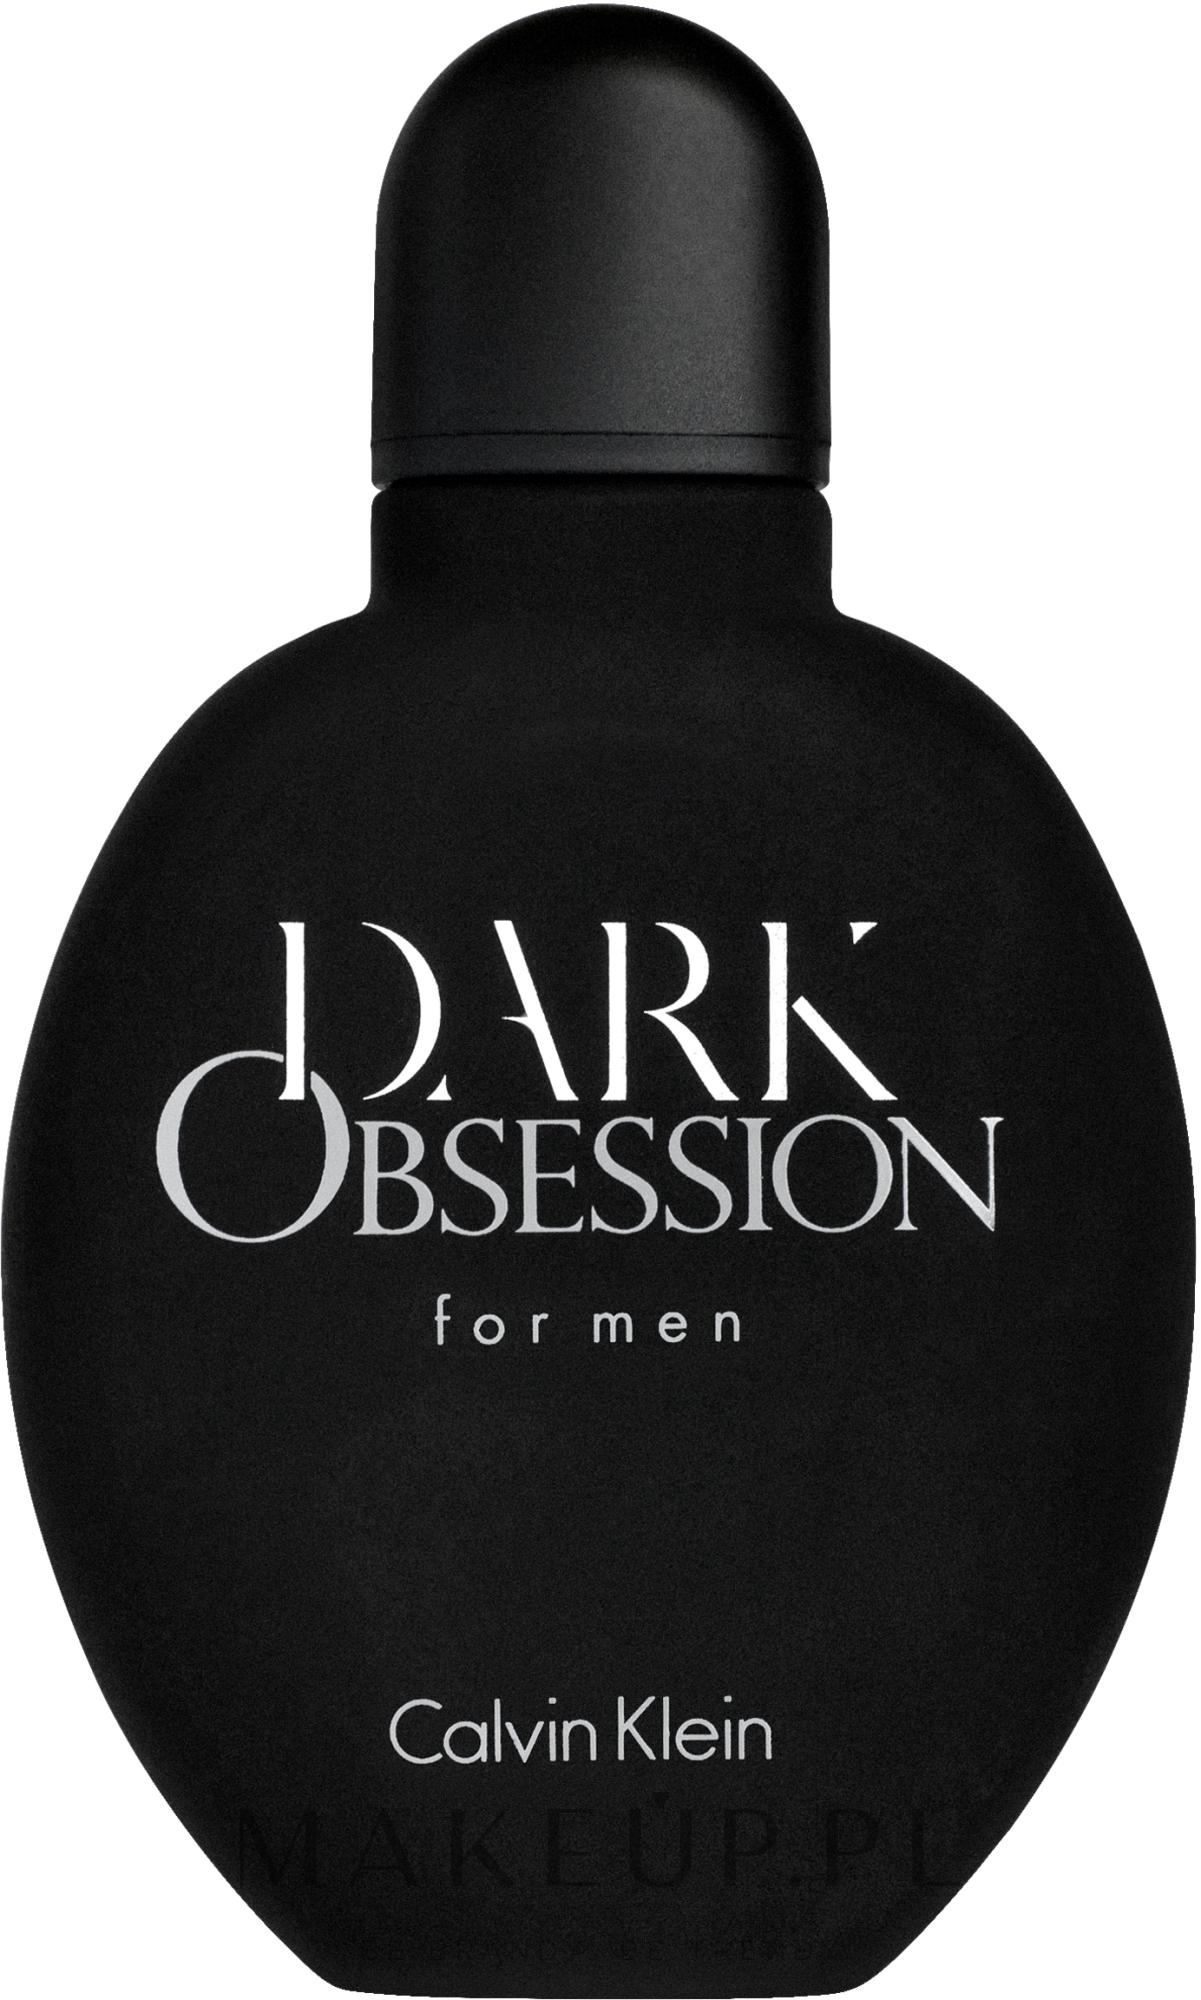 calvin klein dark obsession for men